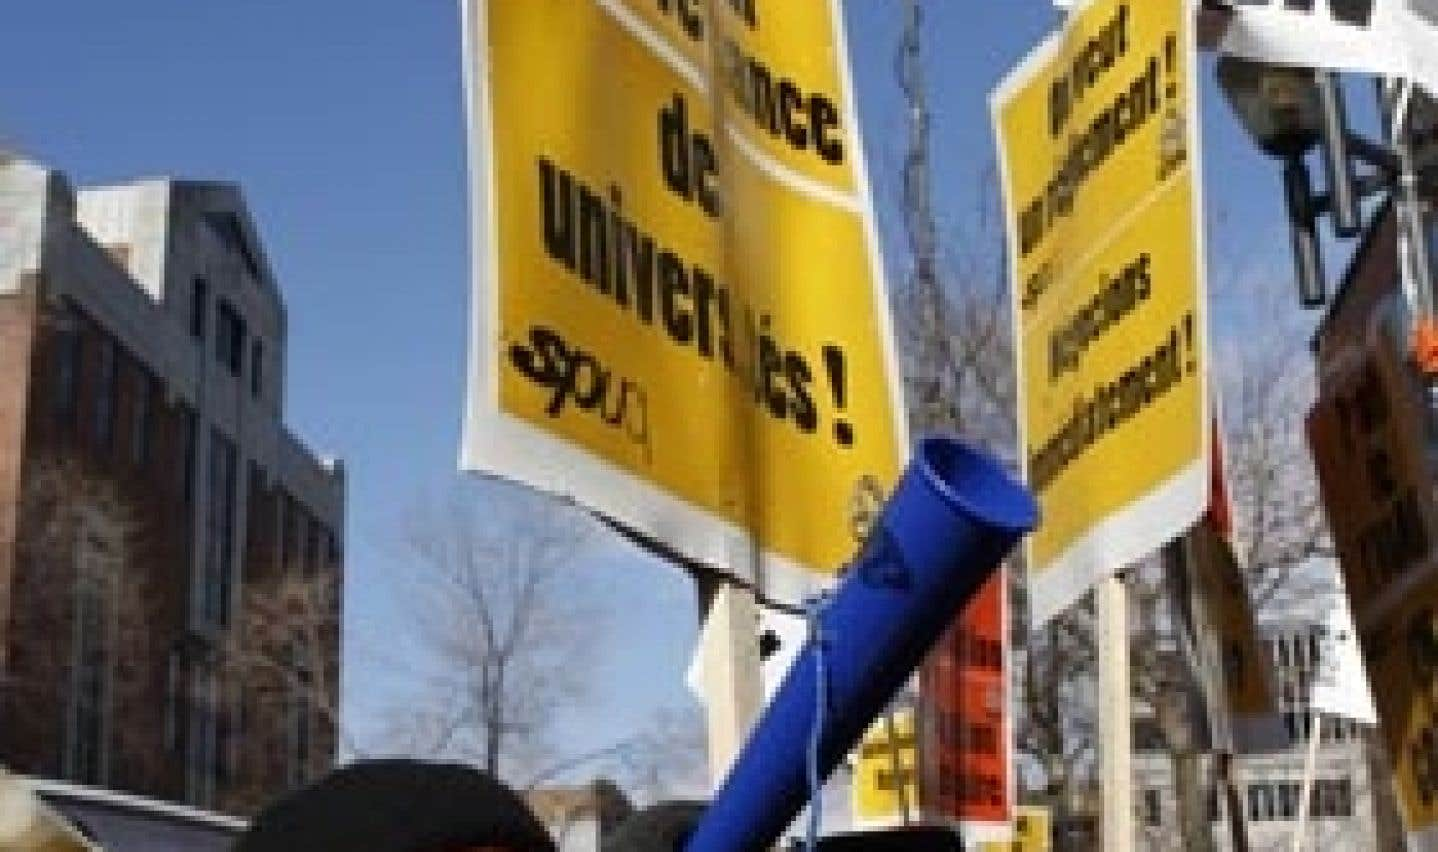 Charest n'exclut pas l'adoption d'une loi spéciale pour régler la grève à l'UQAM